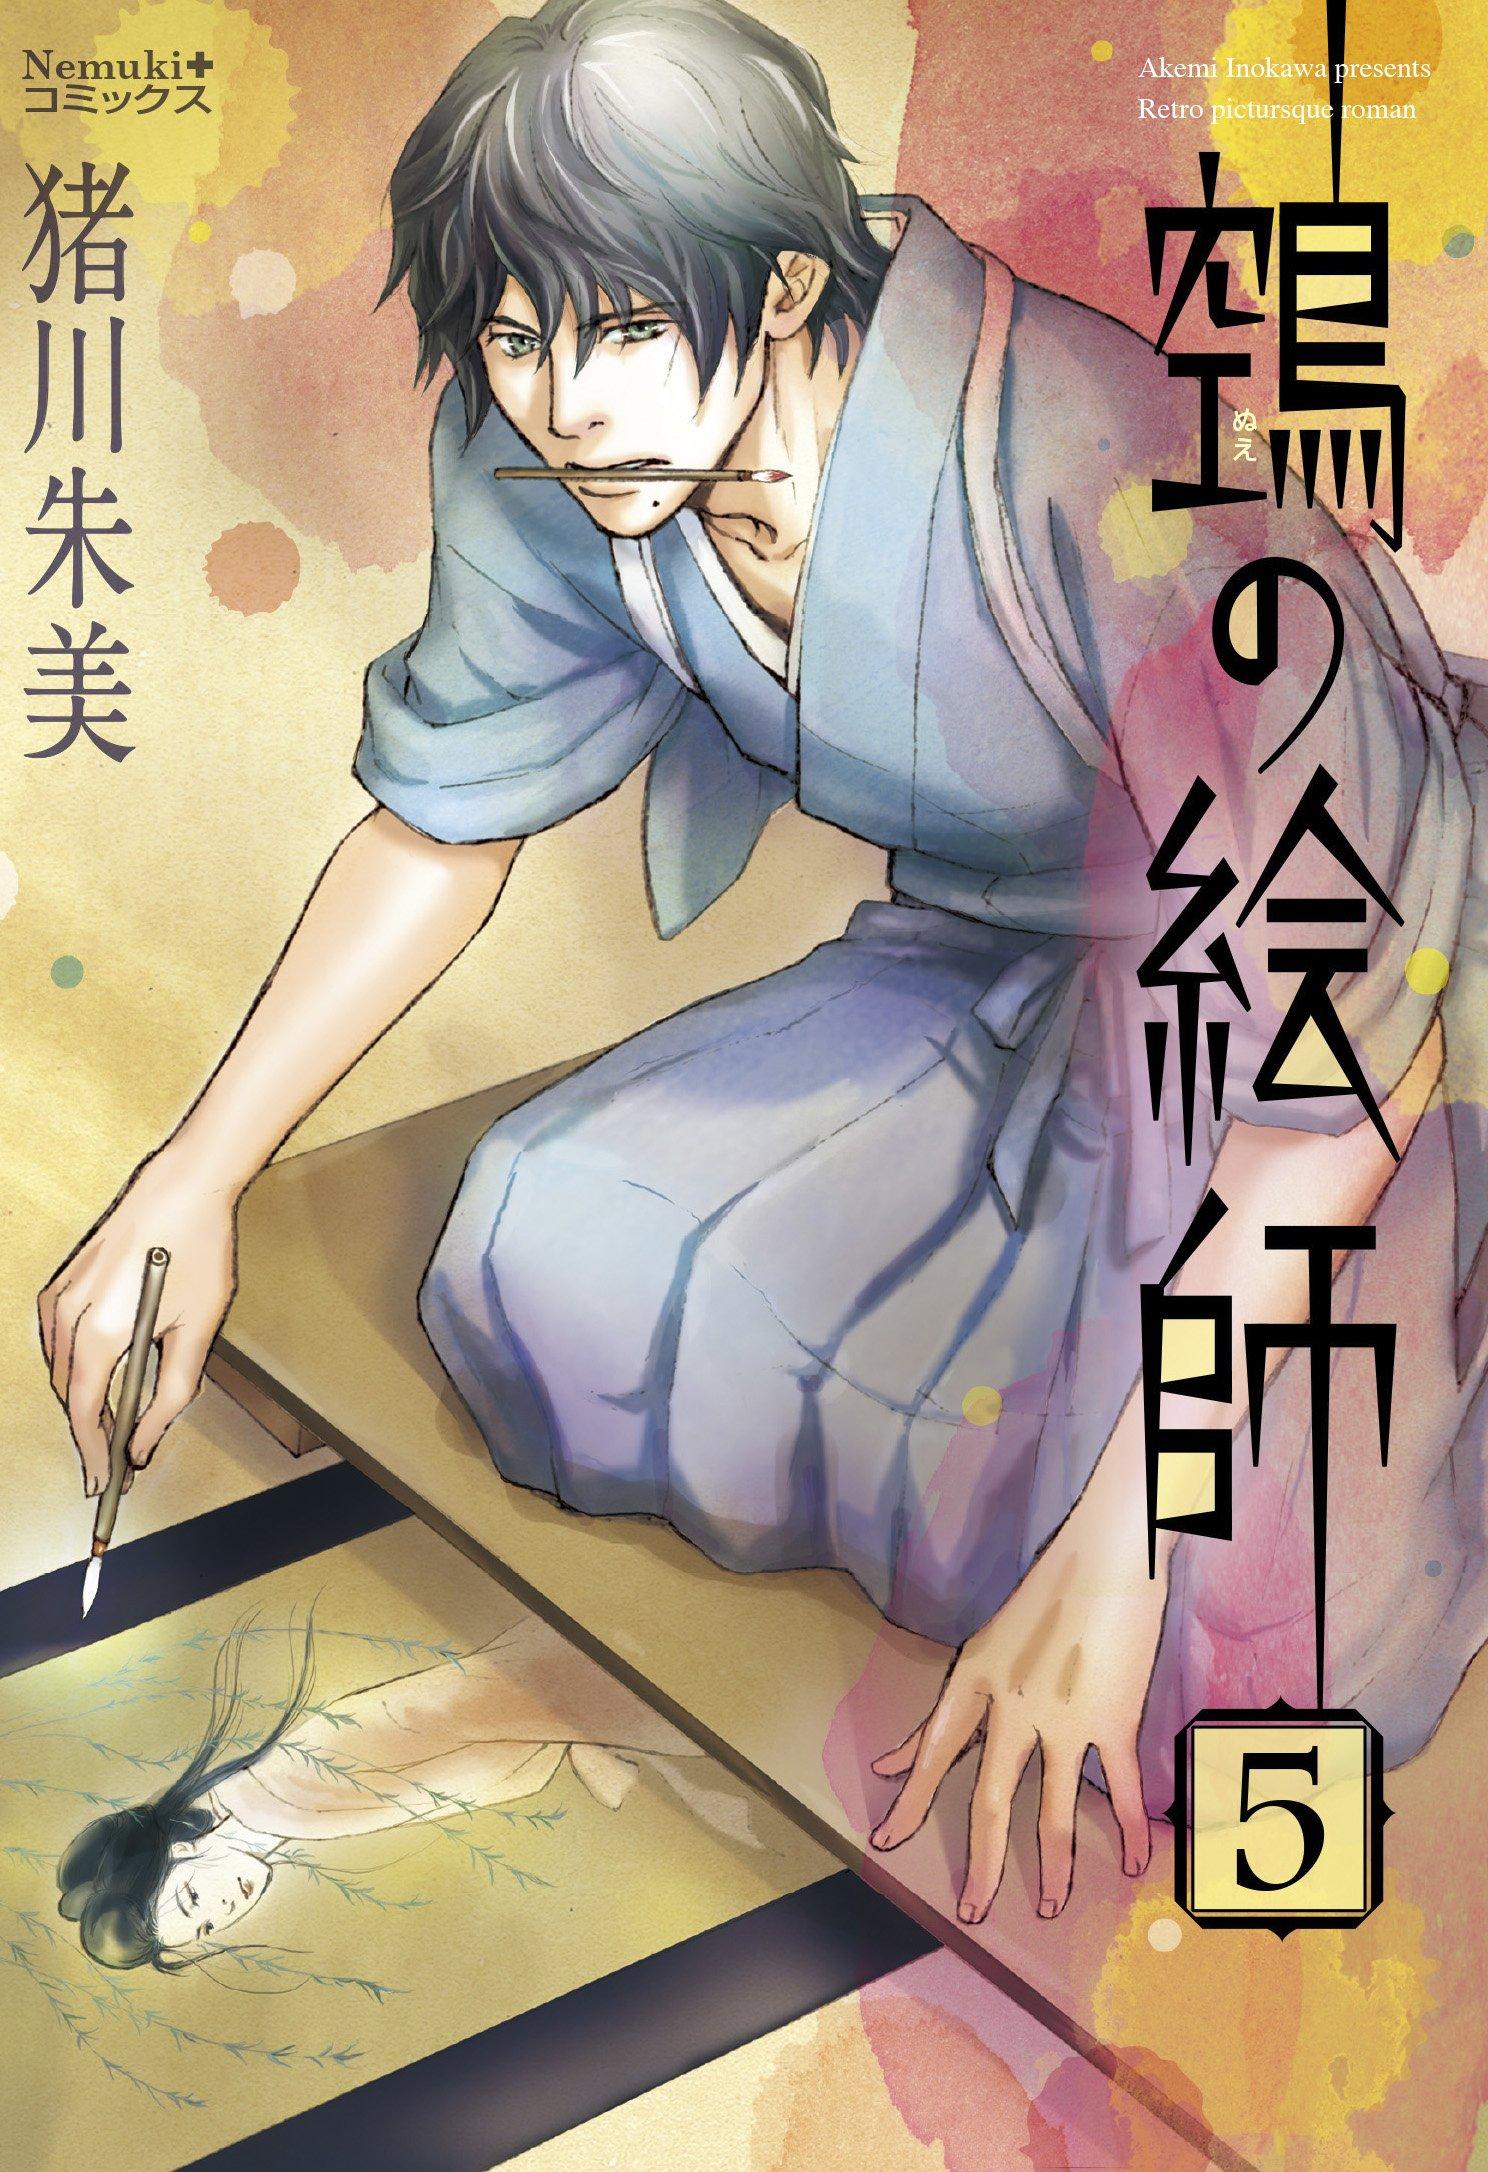 鵼の絵師 5 (Nemuki+コミックス)...